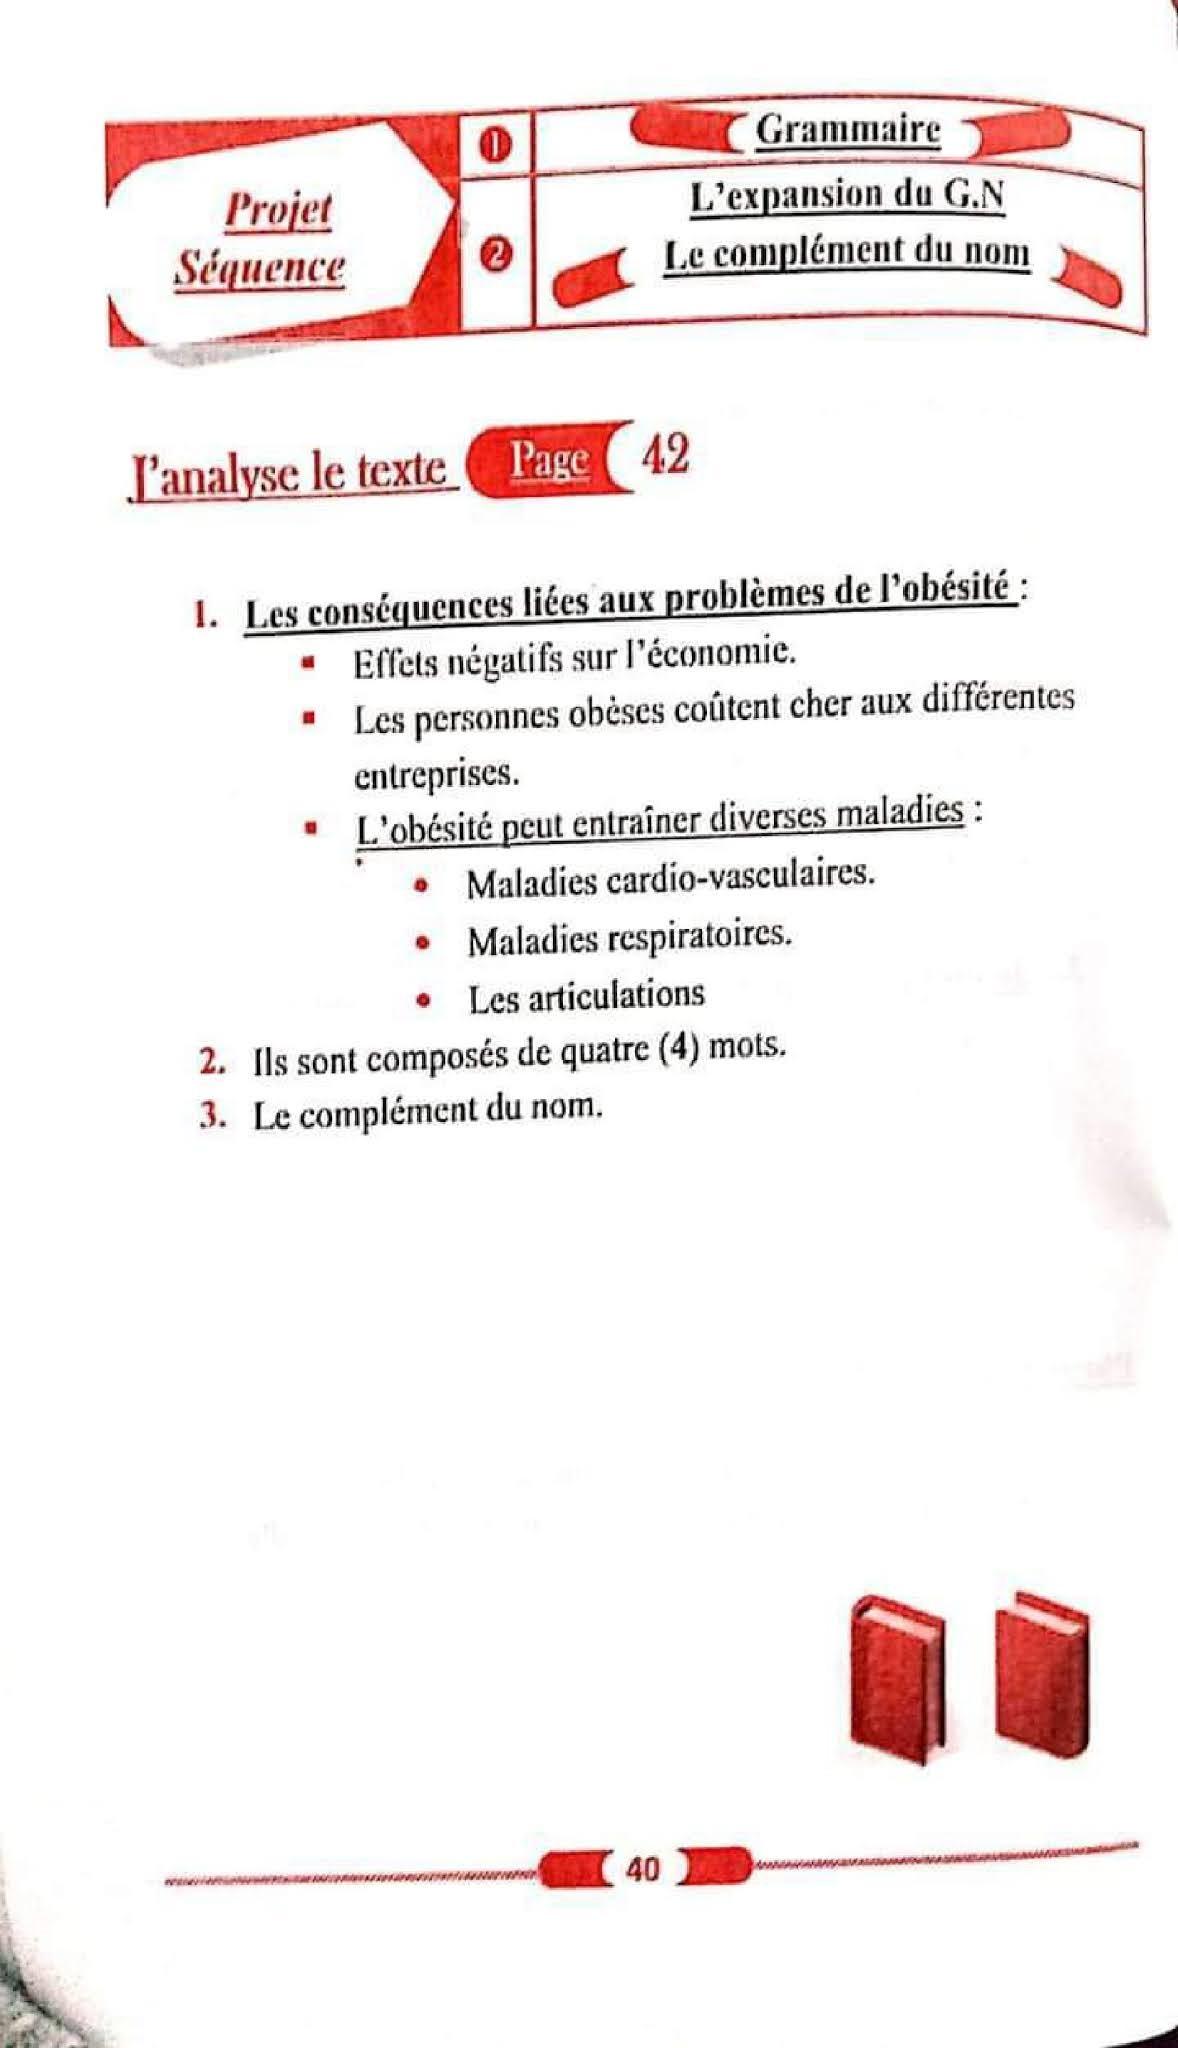 حل تمارين صفحة 42 الفرنسية 1 متوسط الجيل الثاني